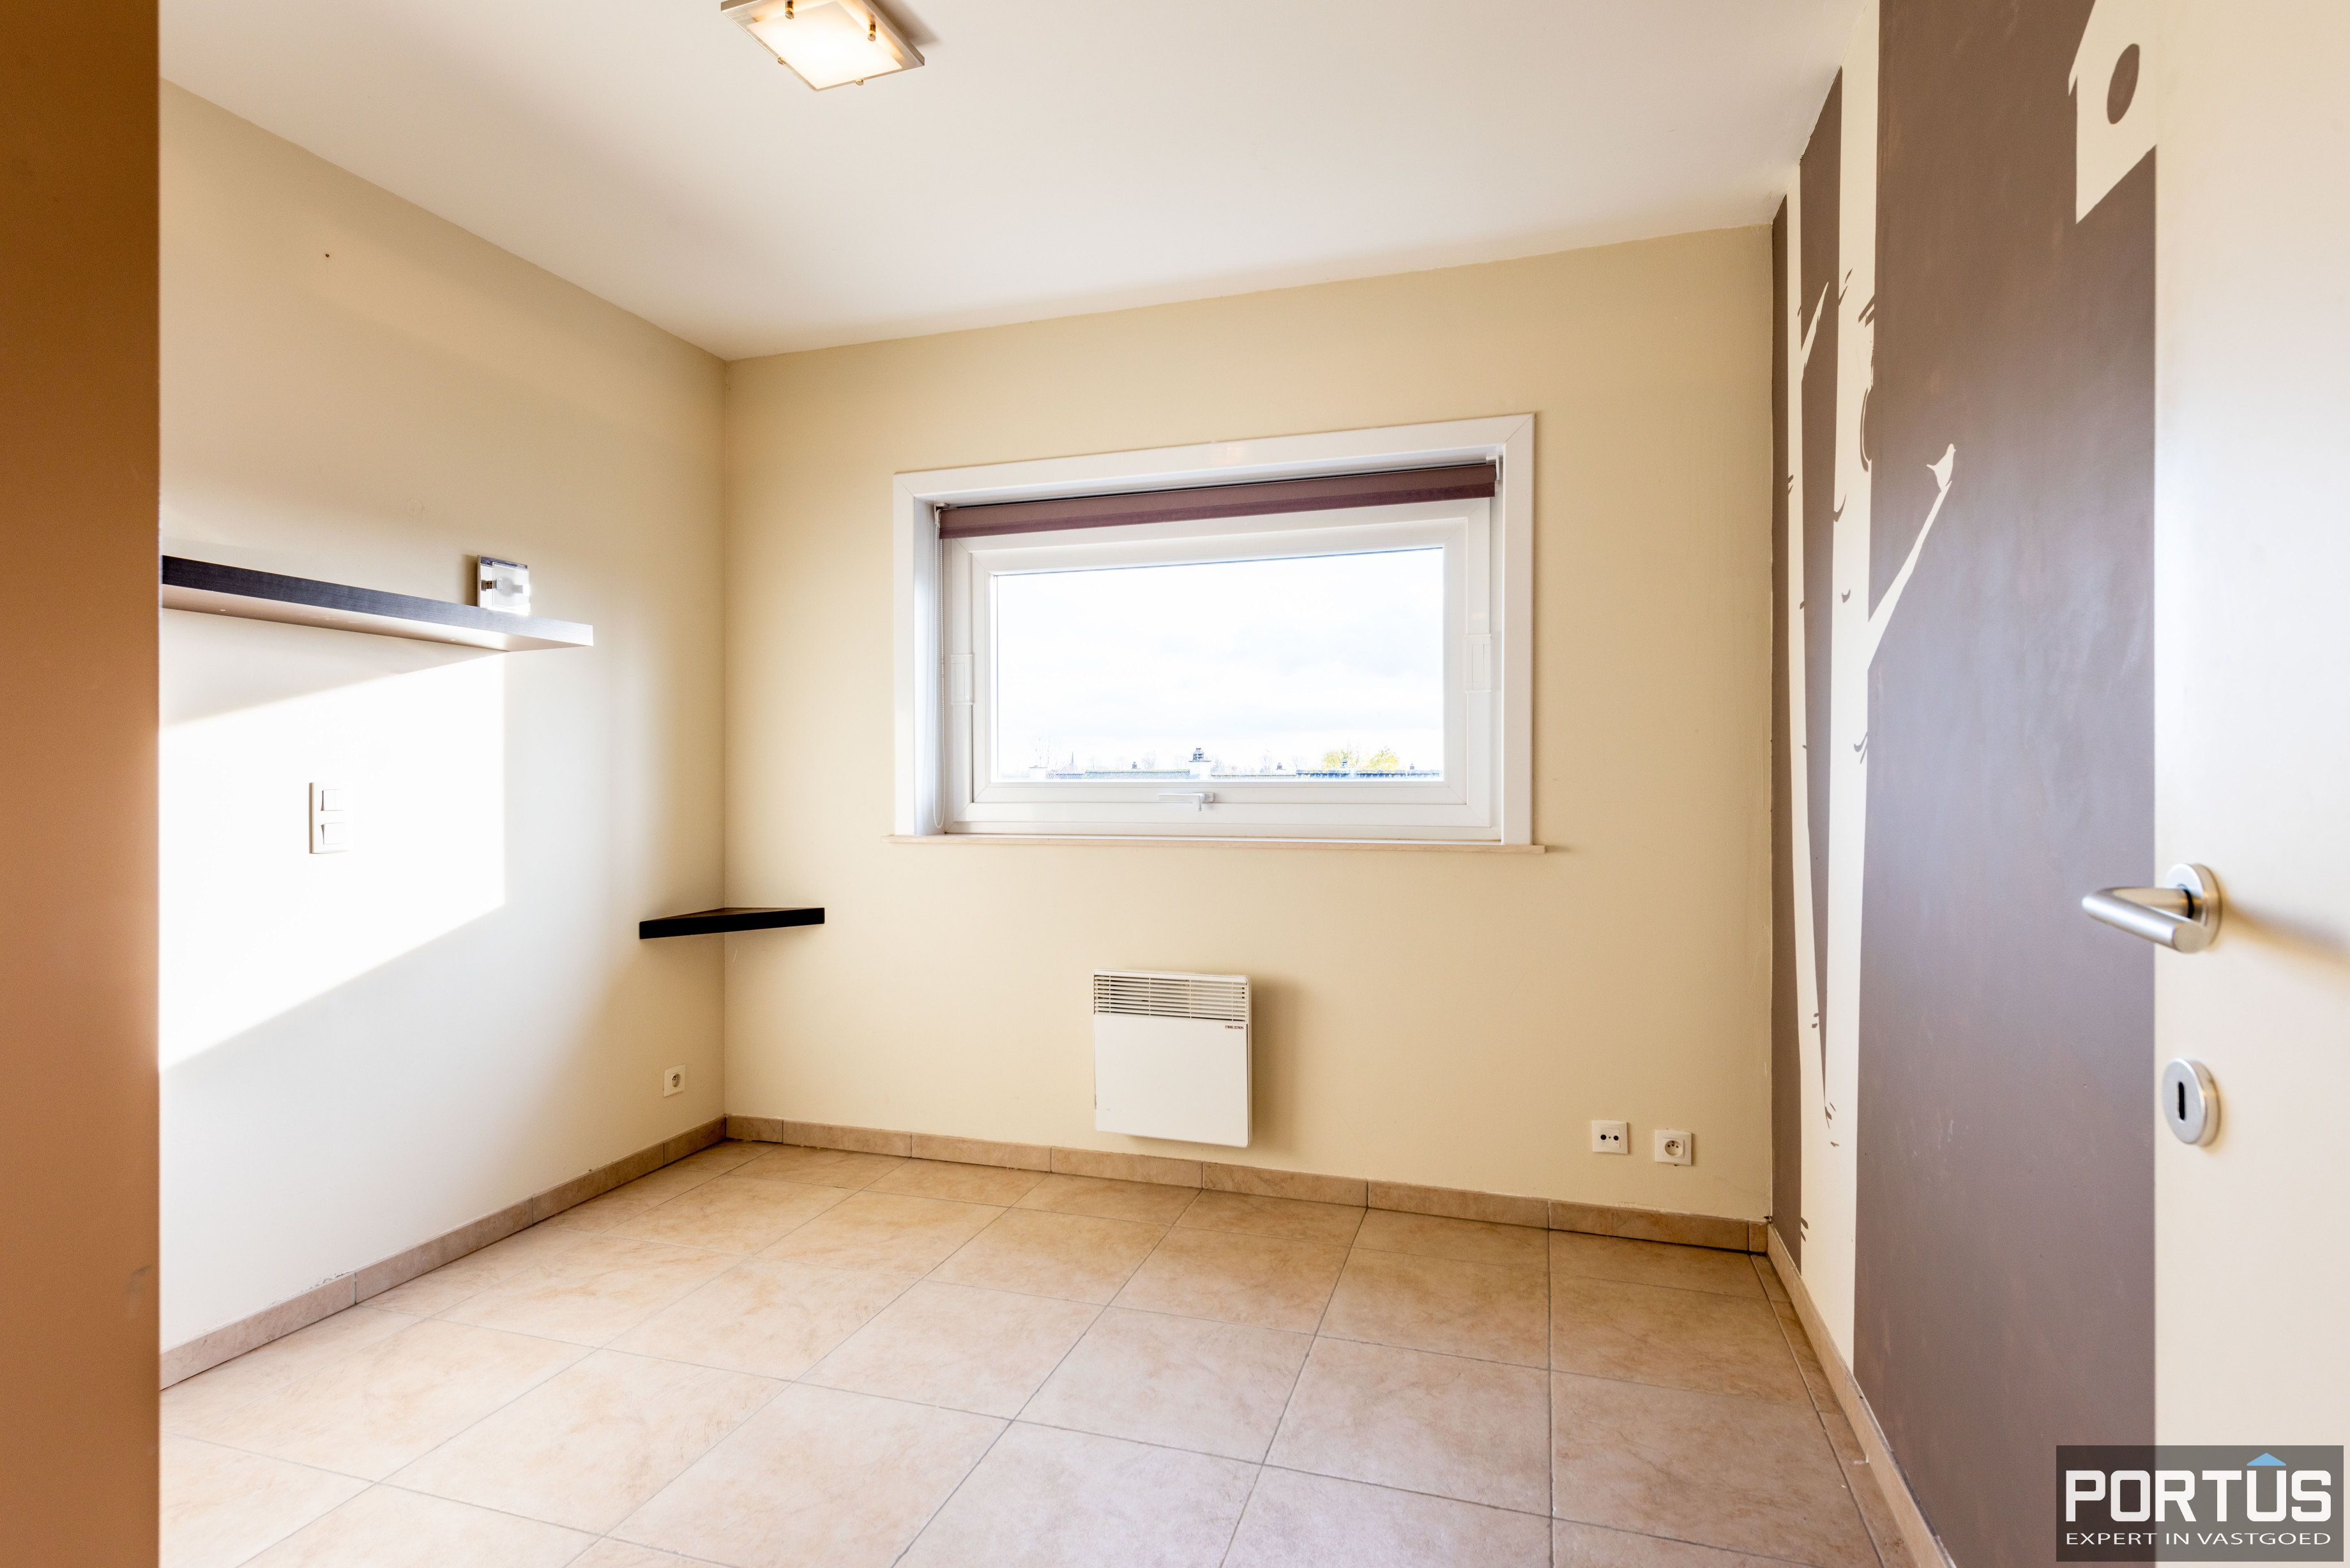 Instapklaar zongericht appartement te koop te Nieuwpoort - 9038